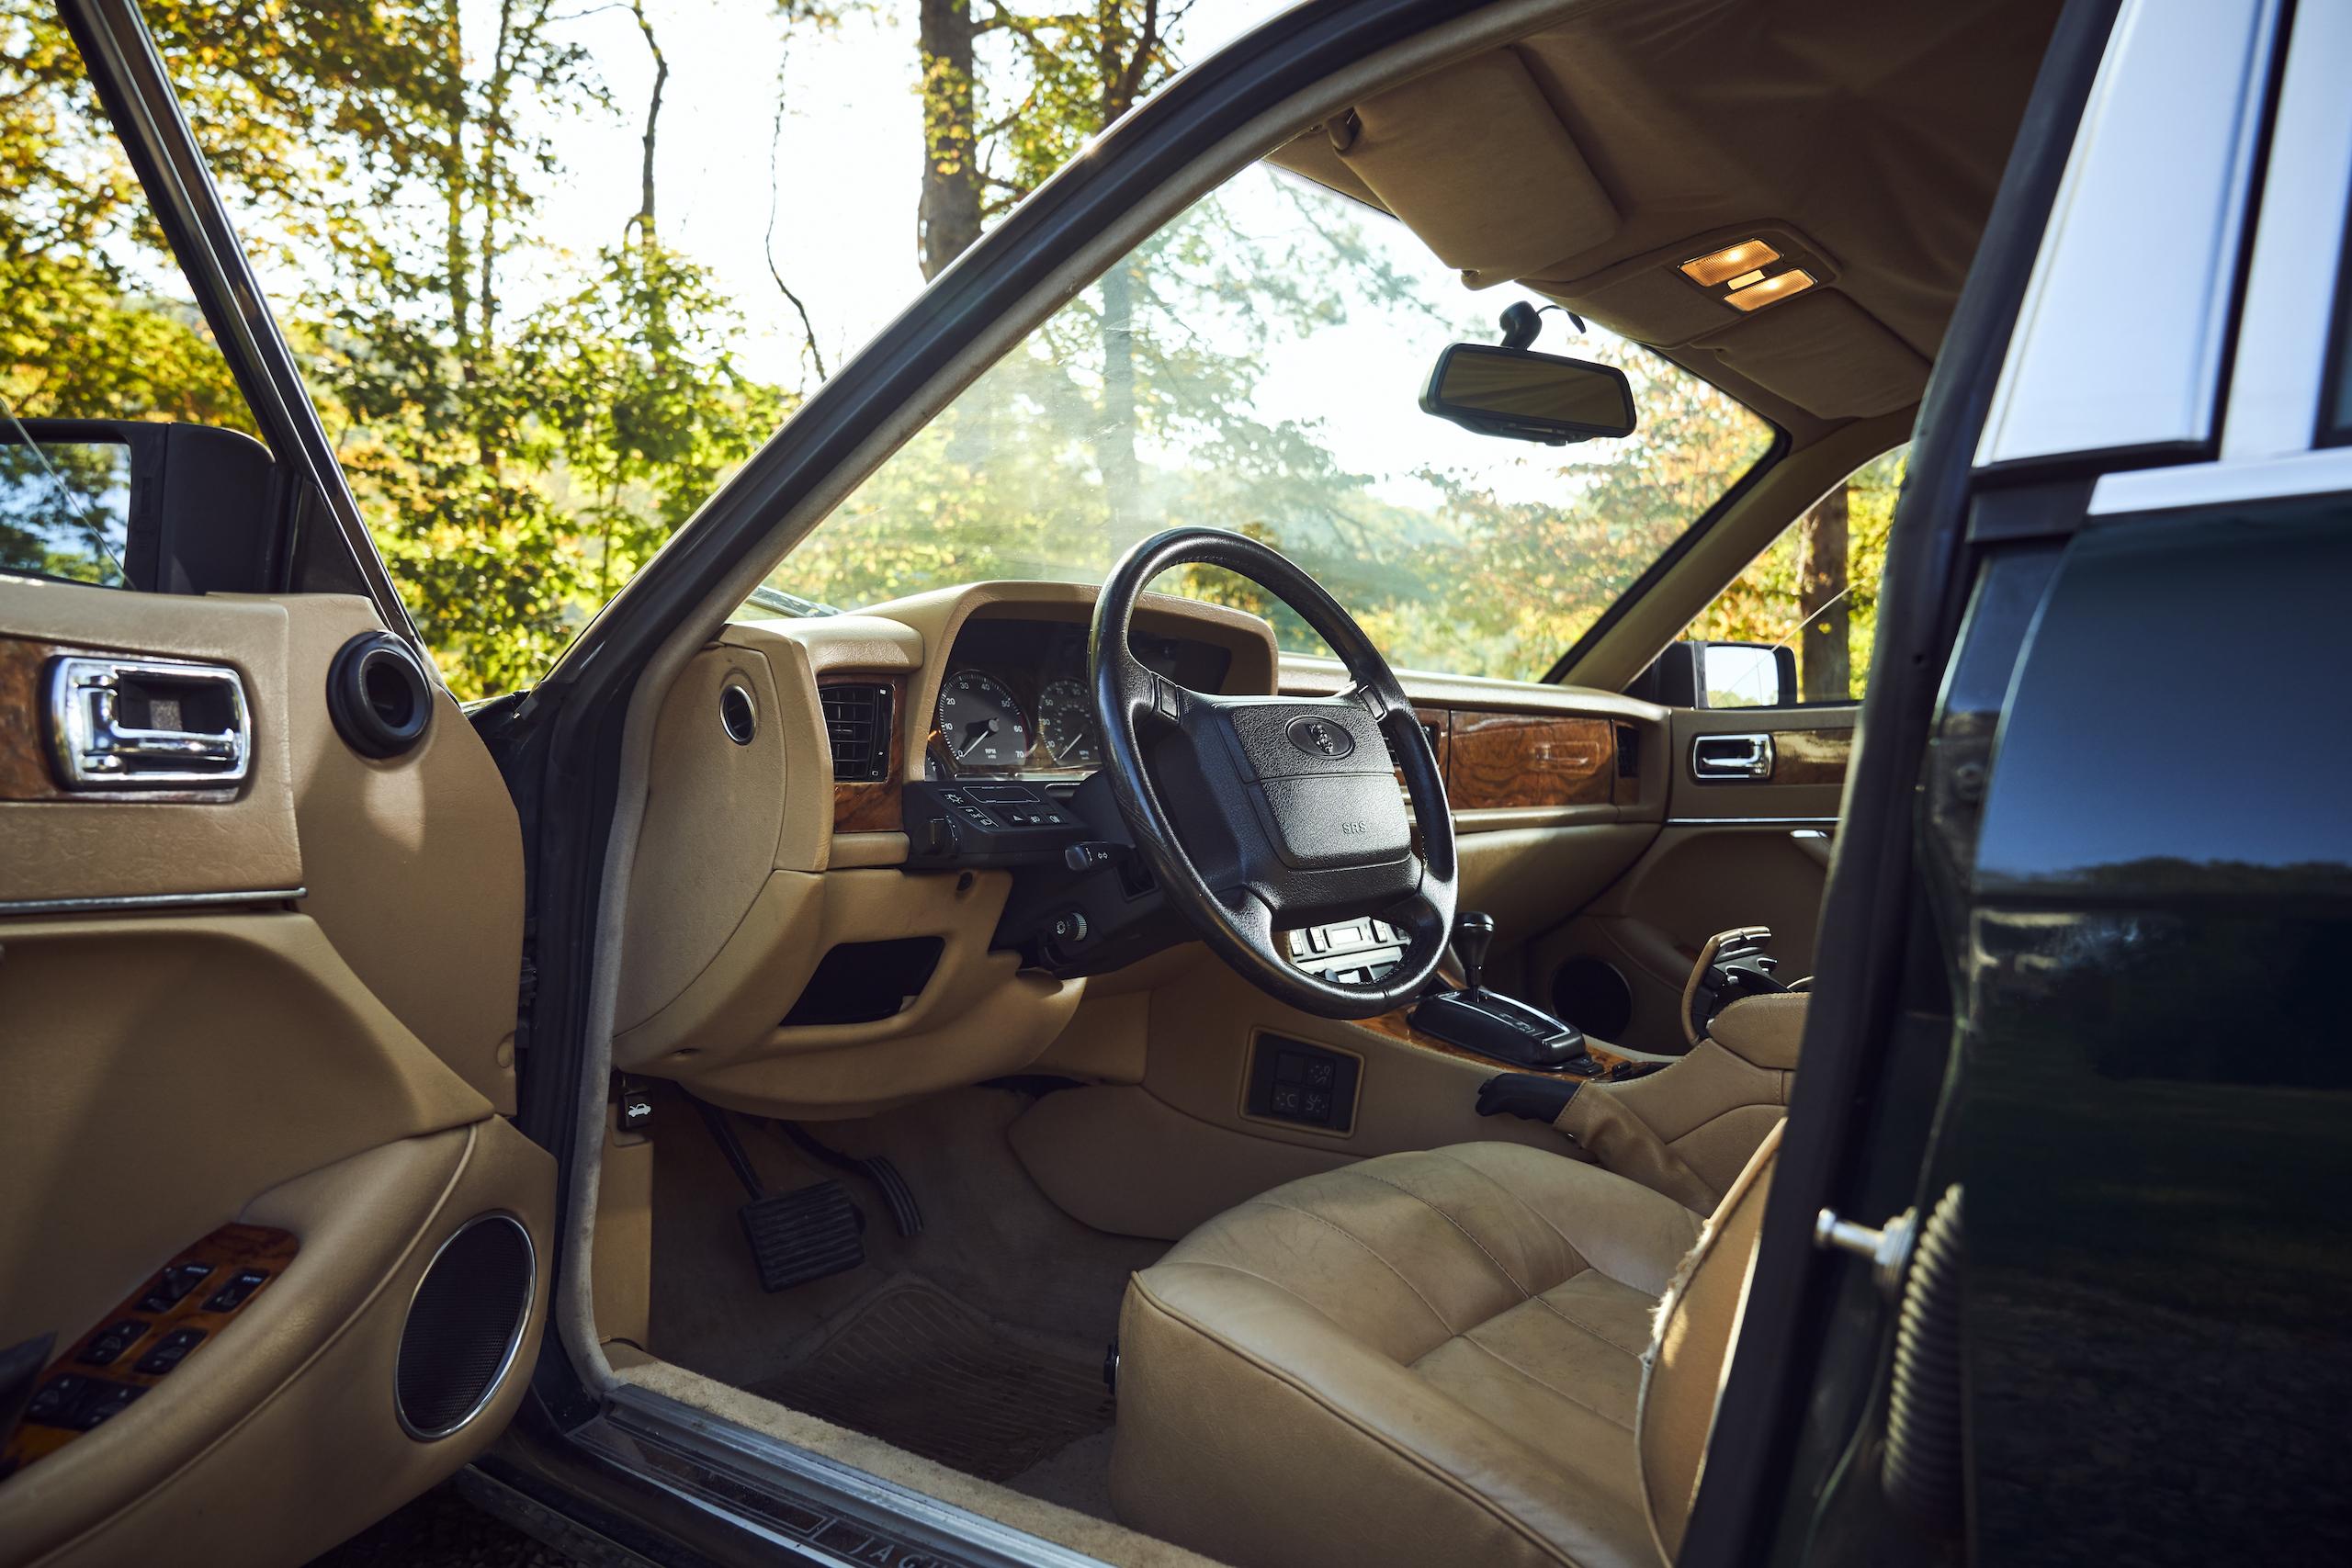 Jaguar XJ6 front angle interior through open door